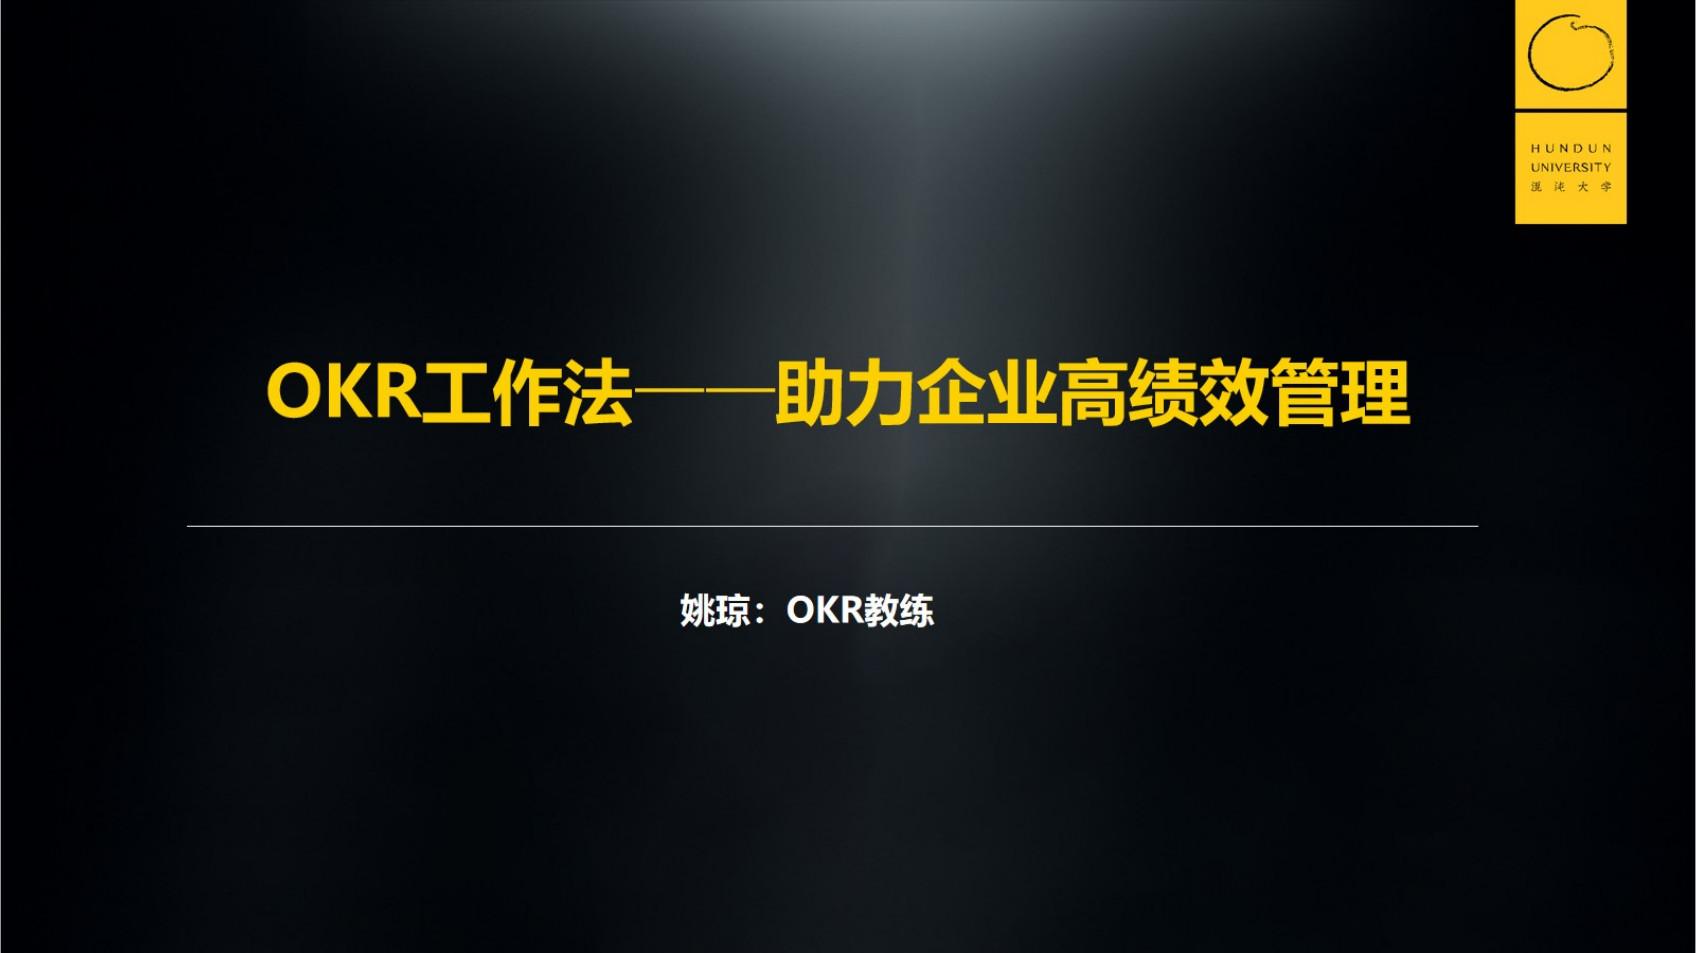 混沌大学-OKR工作法